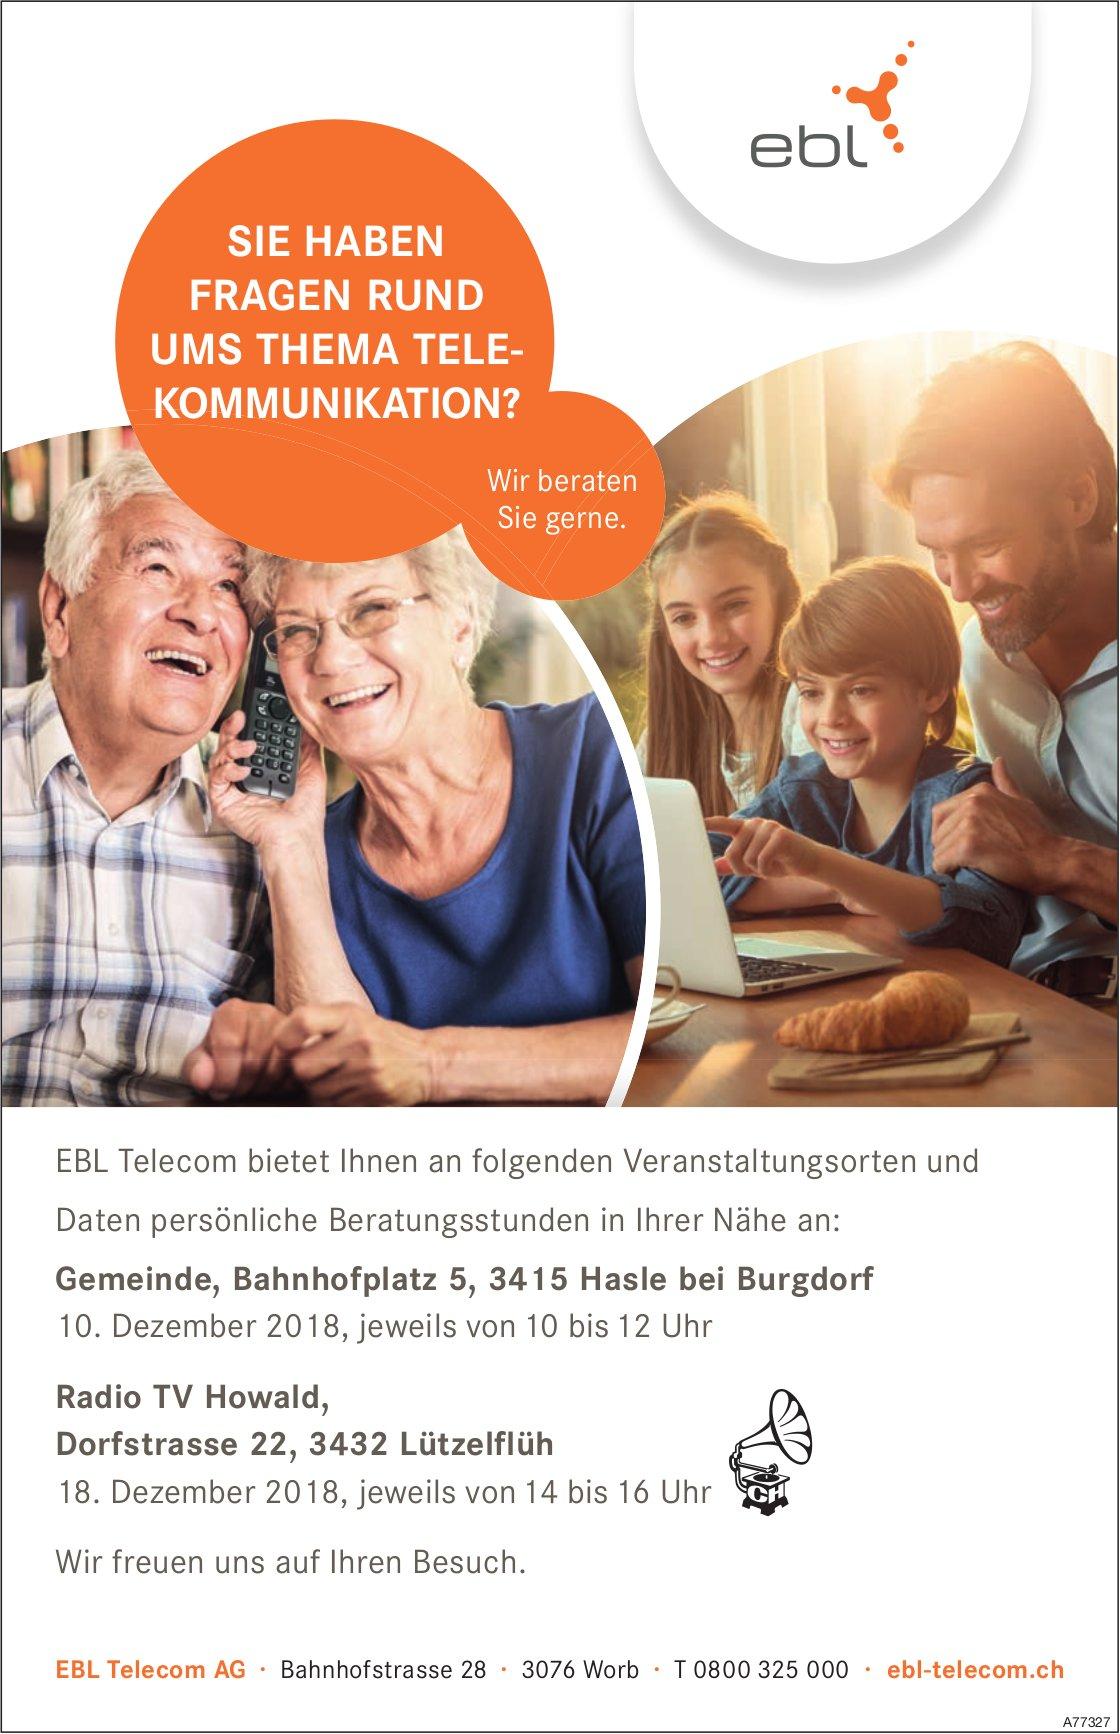 EBL Telecom, persönliche Beratungsstunden, 10. + 18. Dezember, Hasle b. Burgdorf & Lützelflüh